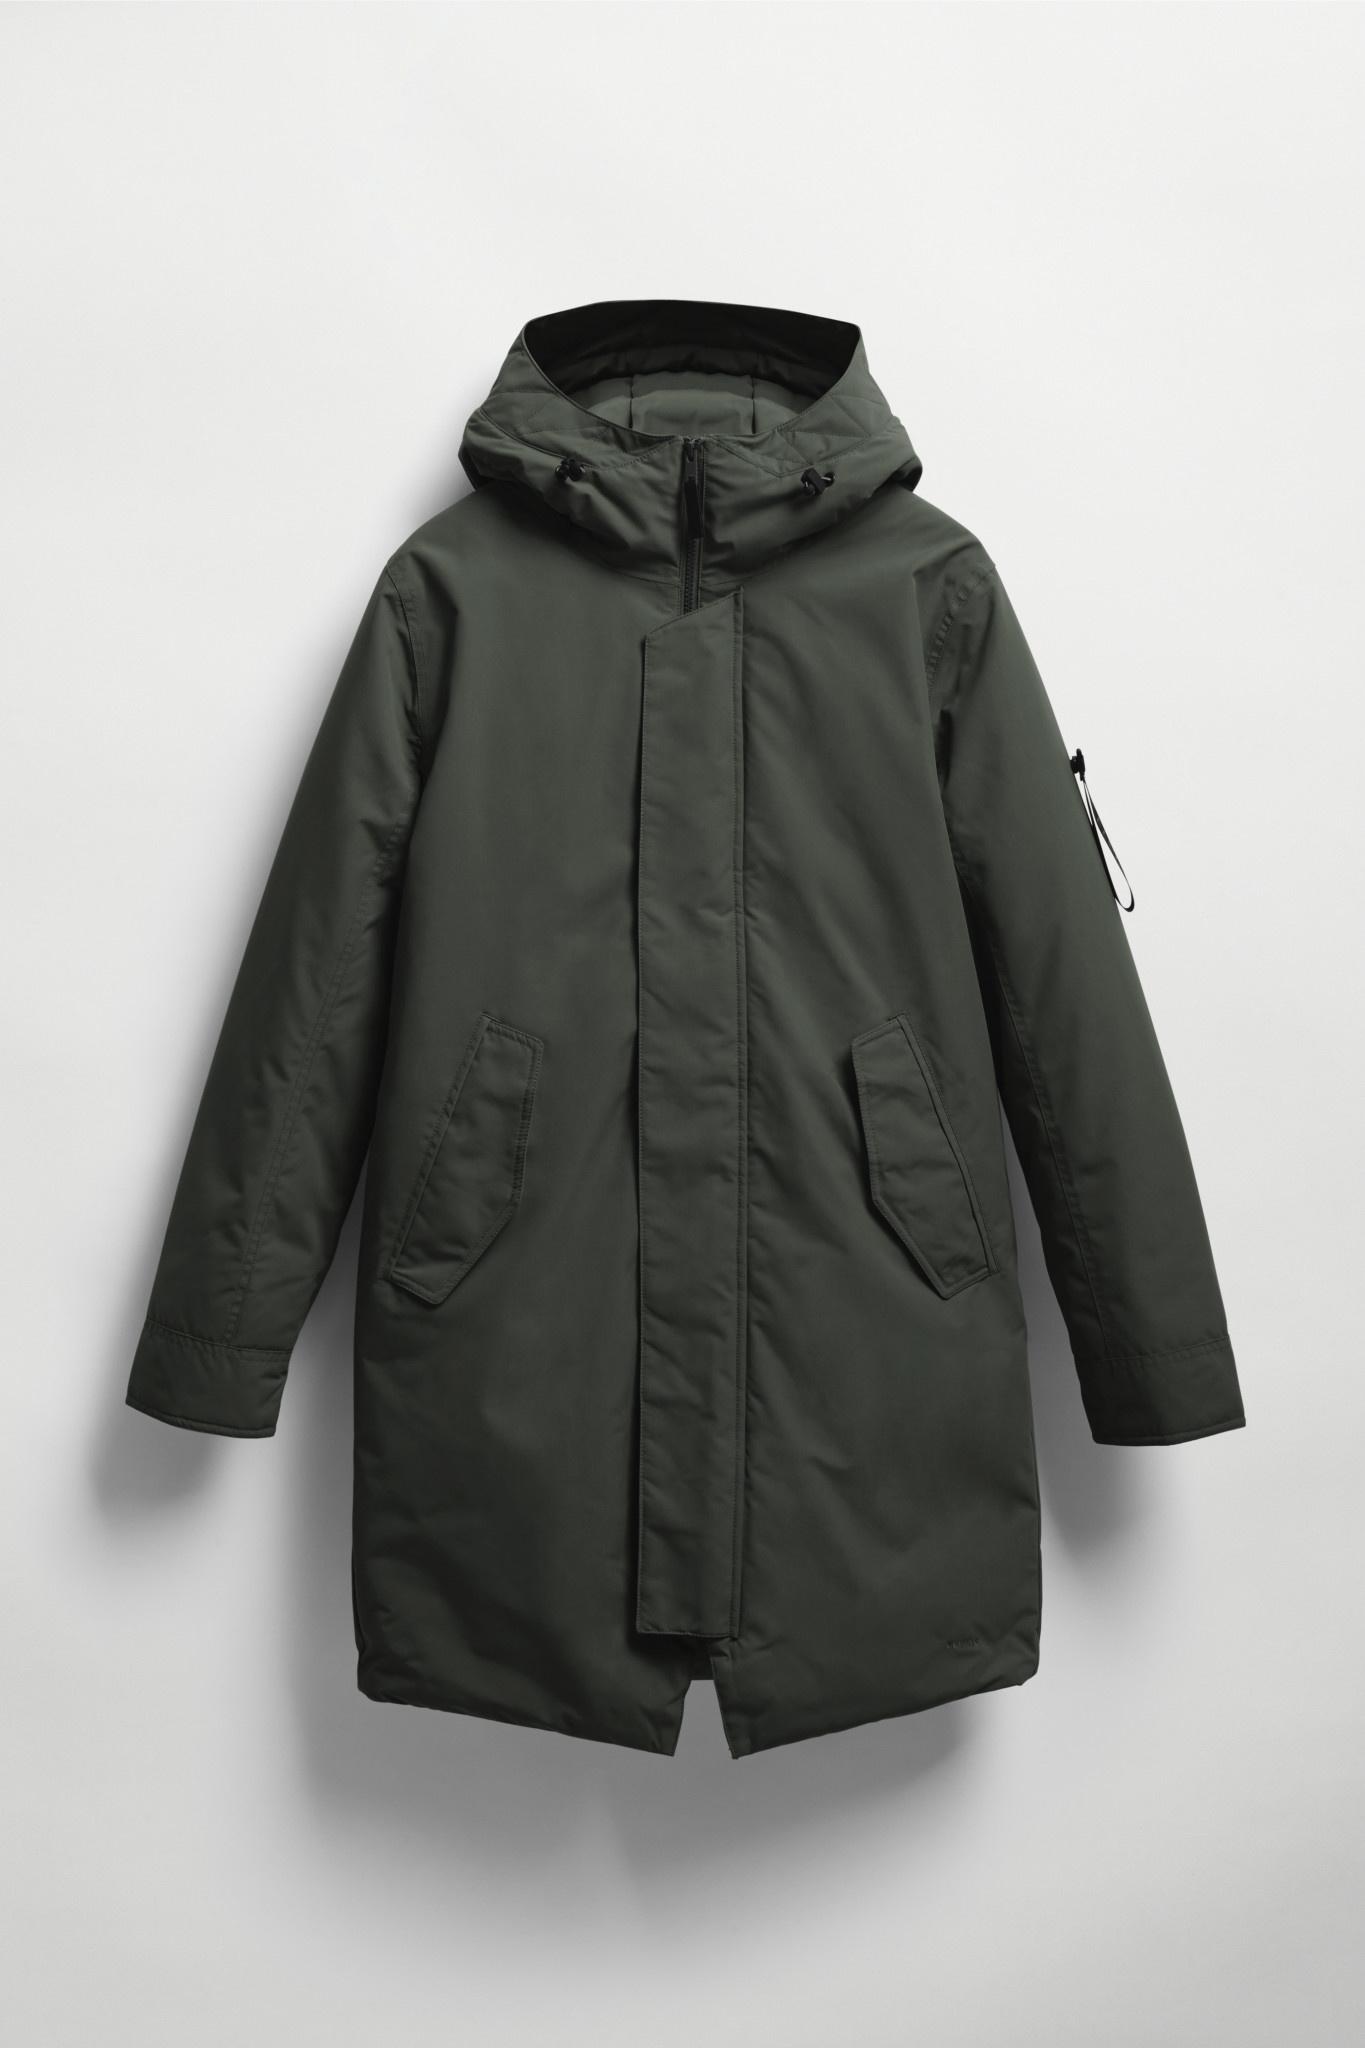 Elvine Elvine Gunter Jacket Darkest Green